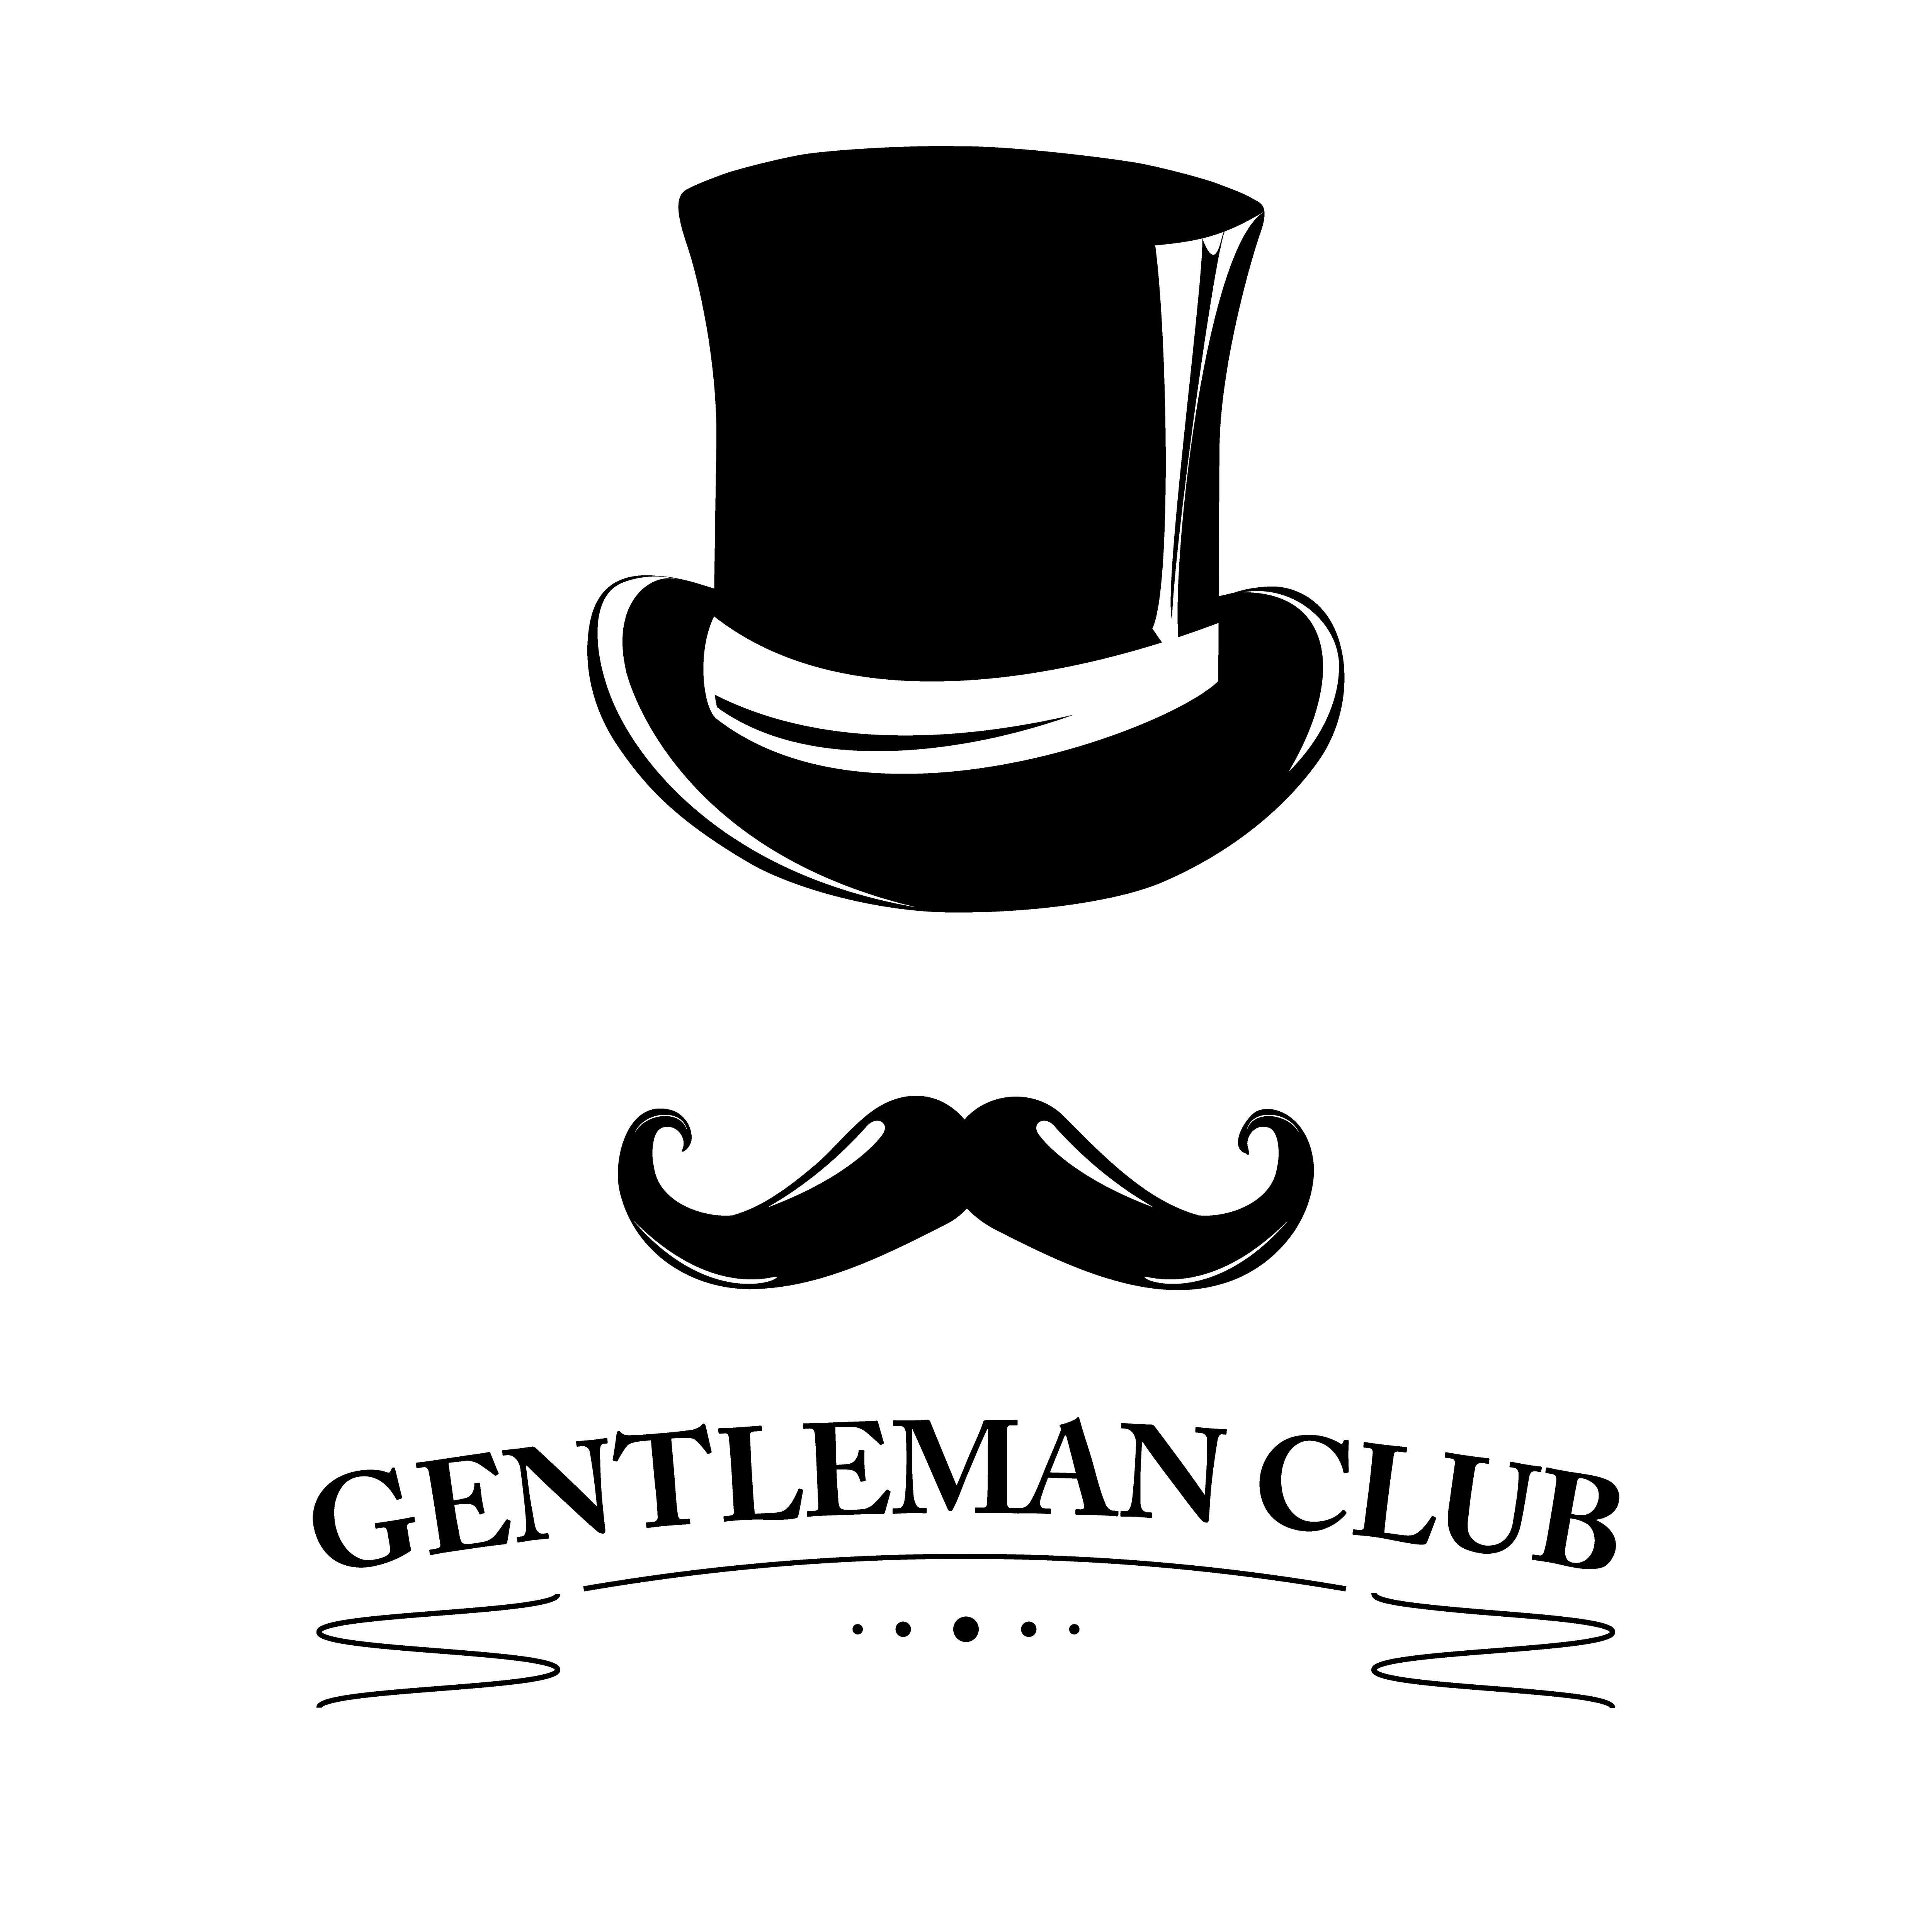 d6038c18882 Vintage gentlemen elegance logo. Gentleman  gentlemen  hat  bowler  derby   top